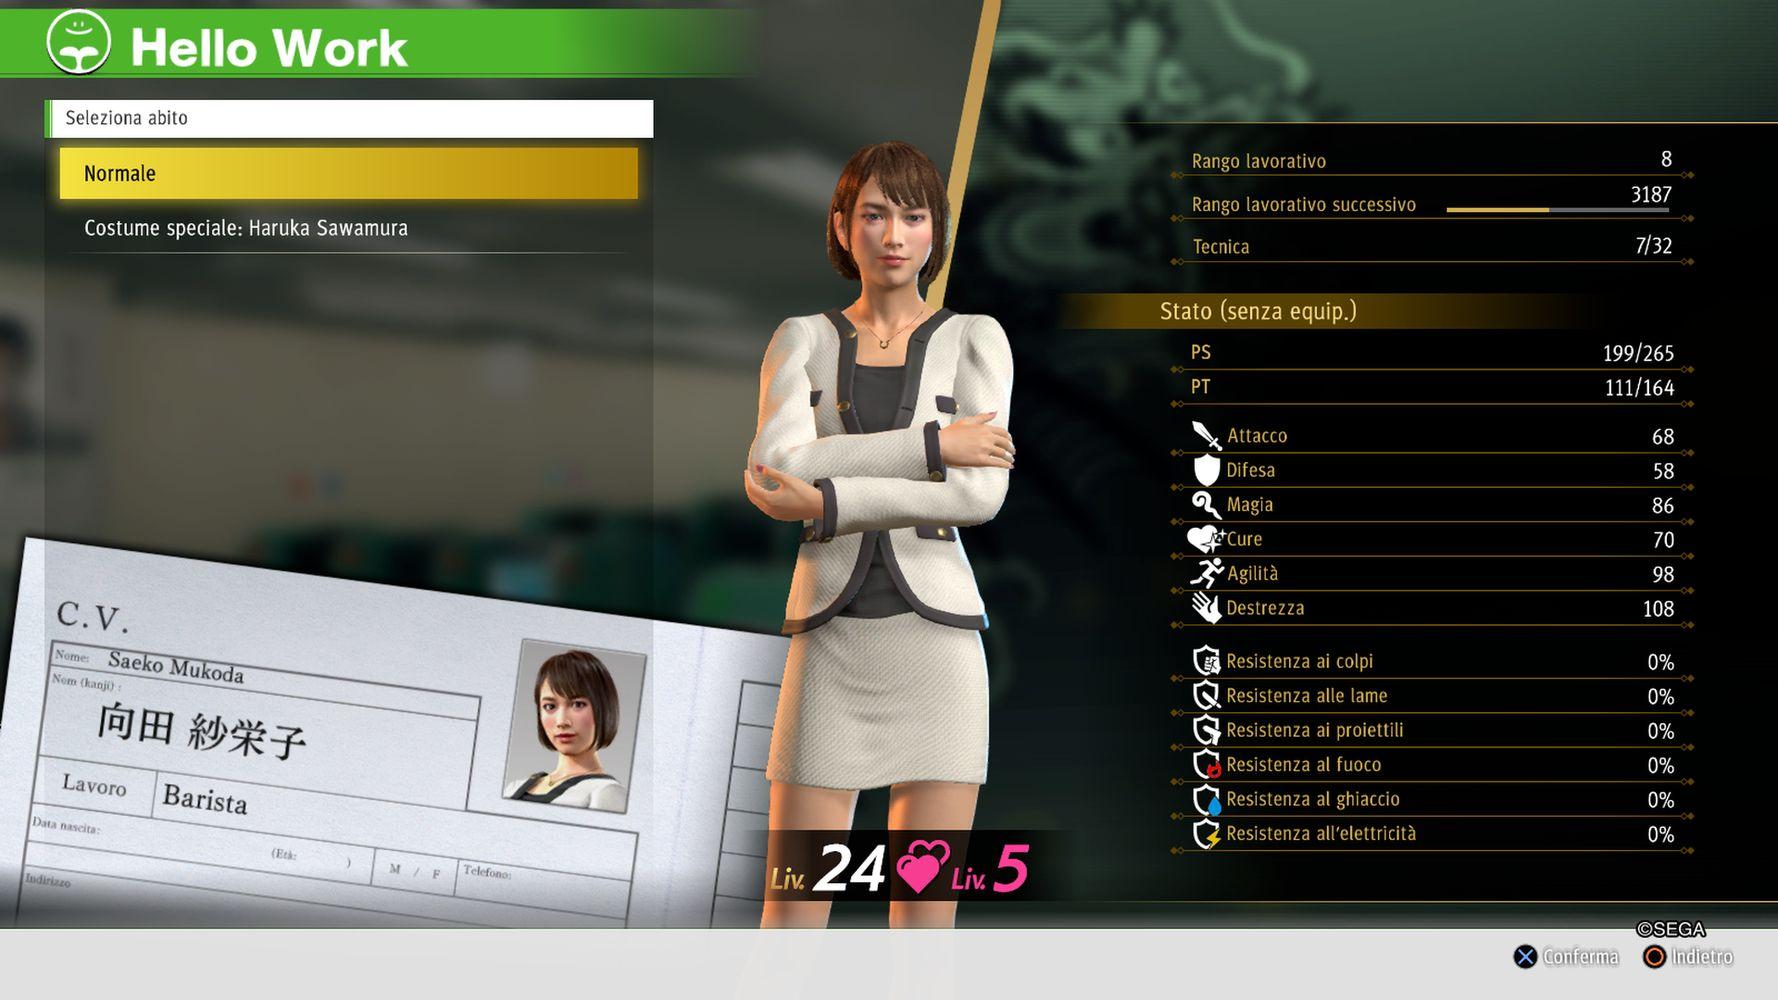 Il lavoro da Barista di Saeko si rivelerà particolarmente efficace